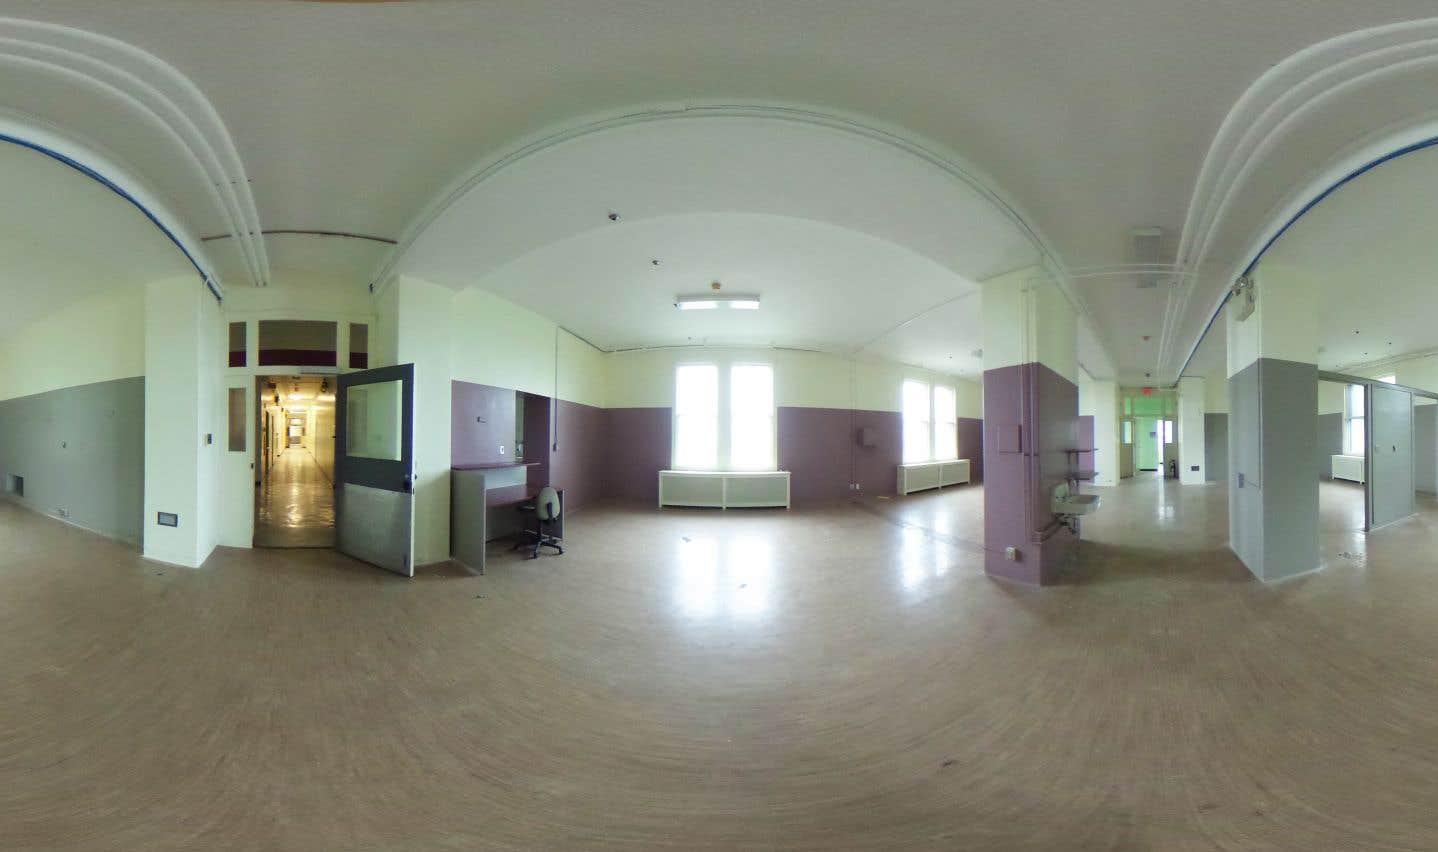 Luc Courchesne,Salle de réveil, Pavillon des femmes, Hôpital Royal Victoria, 2017